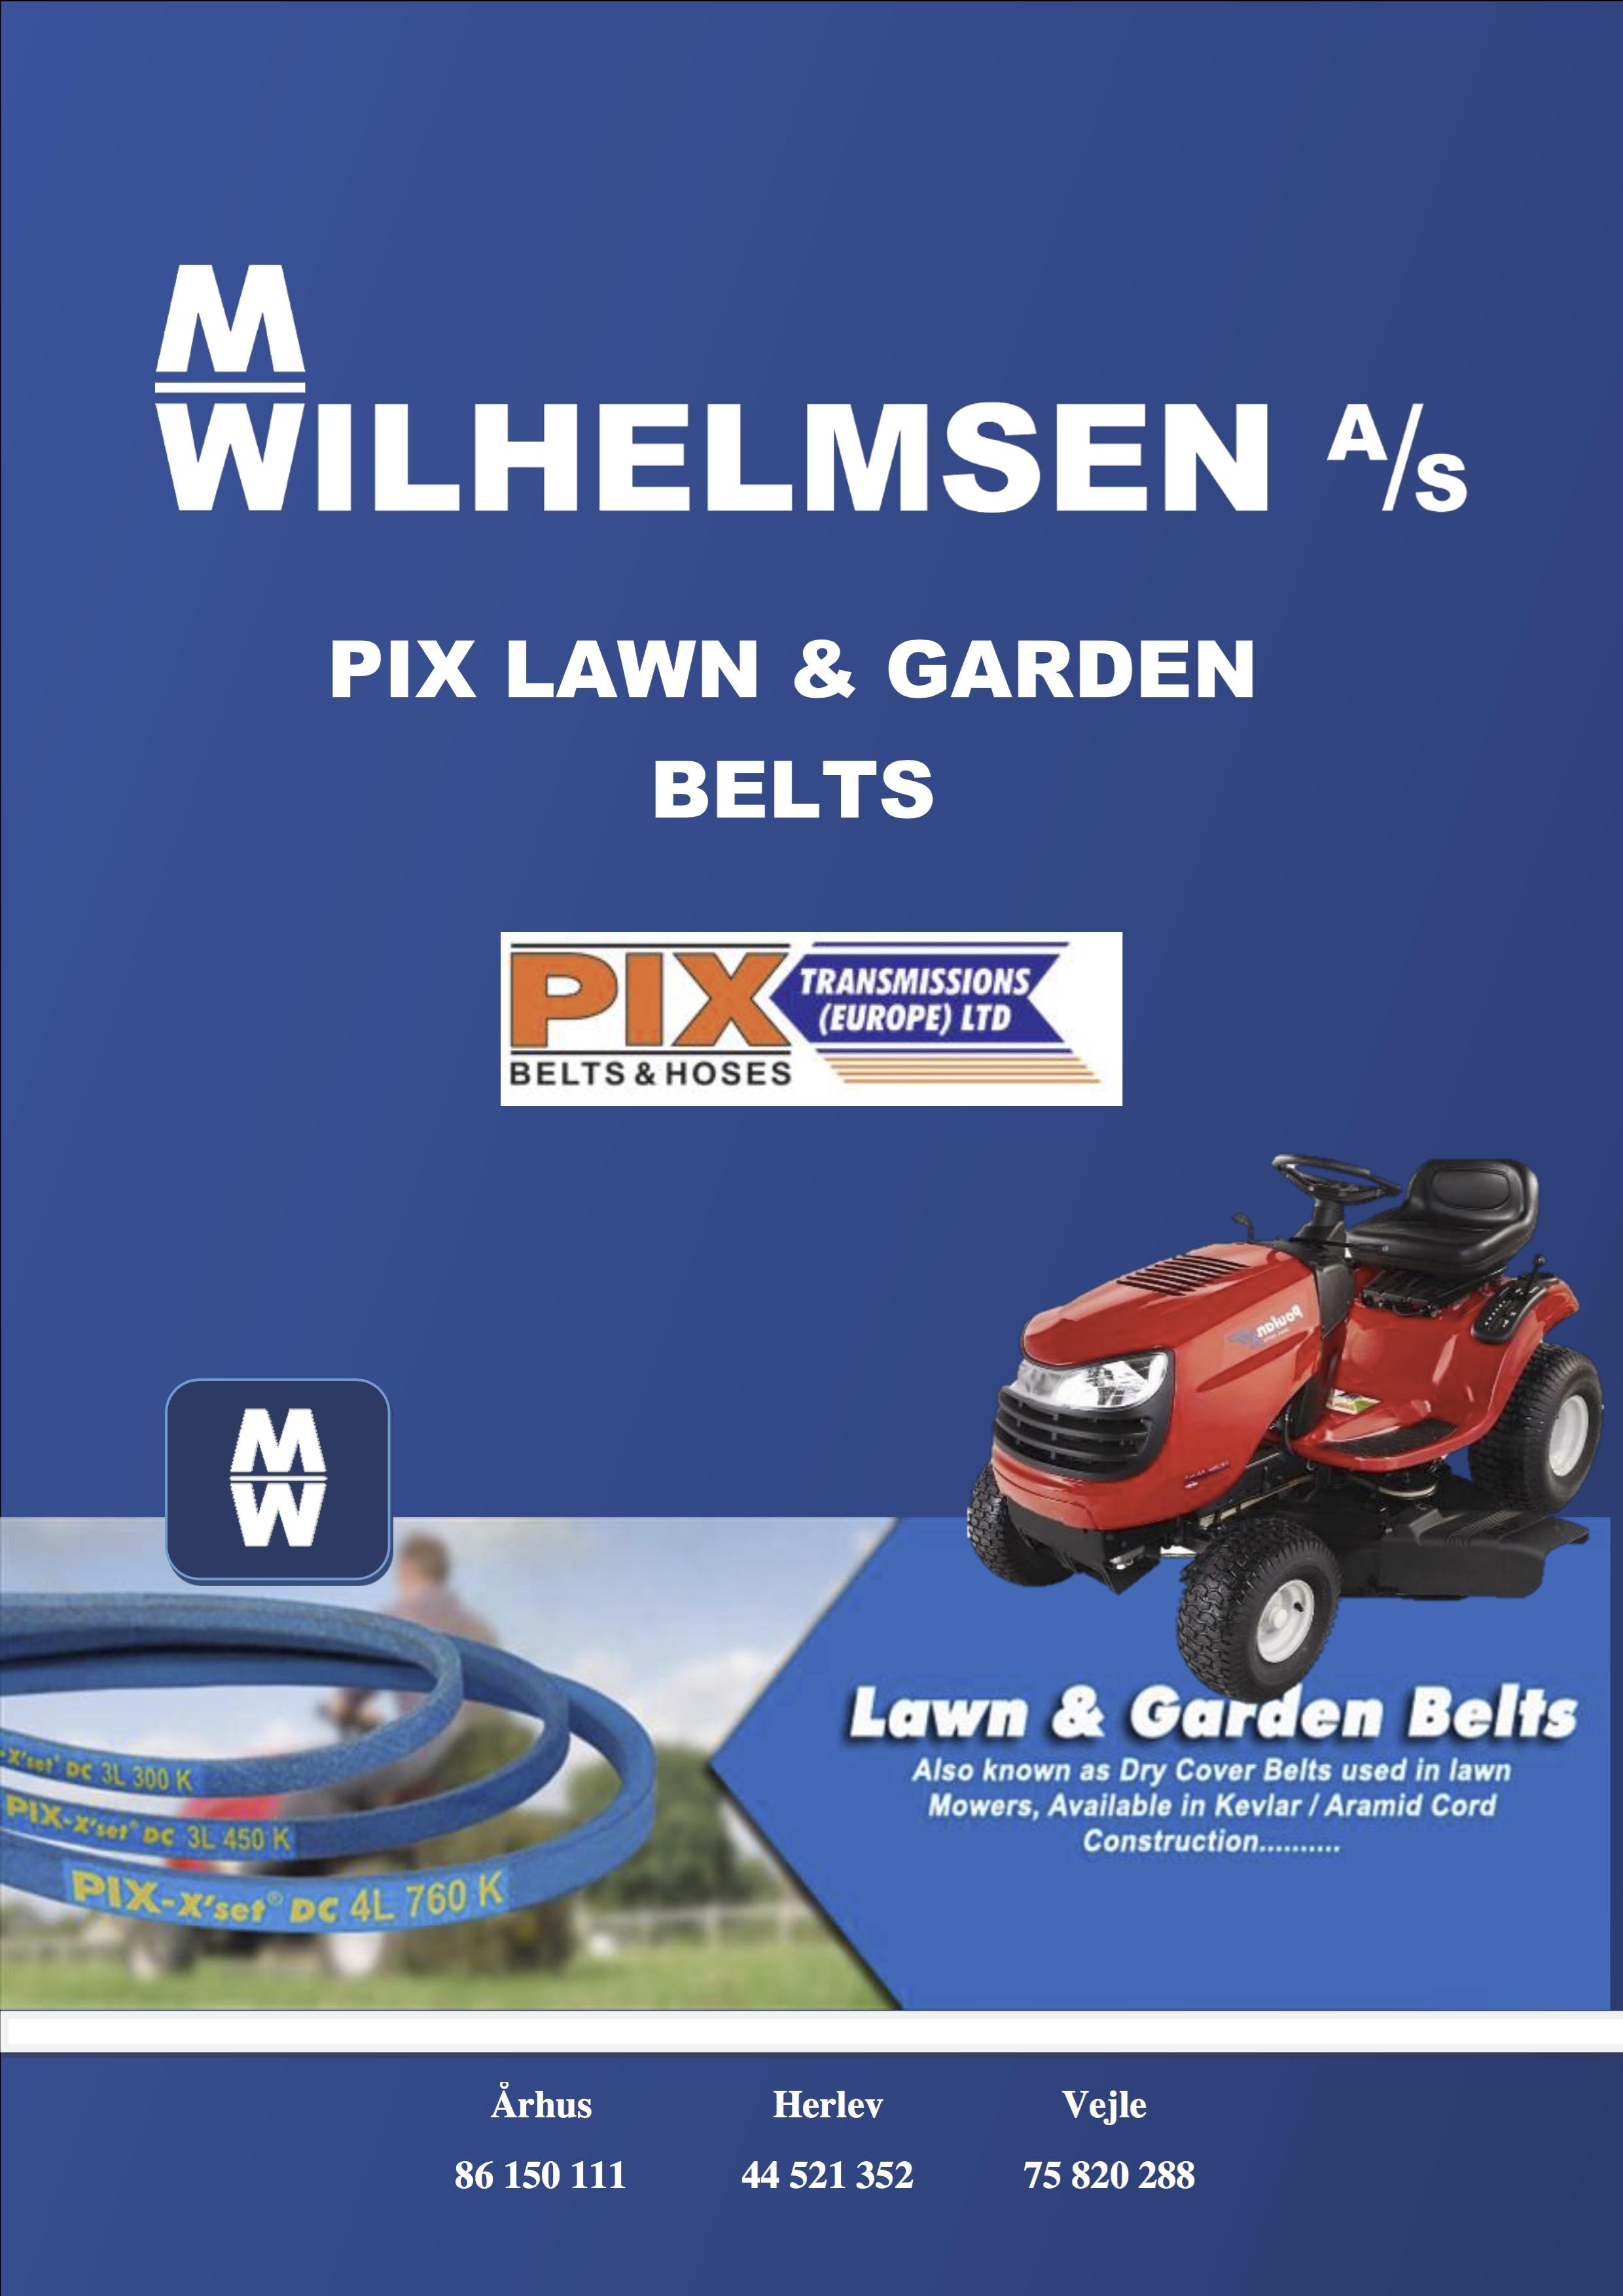 PIX lawn & belts